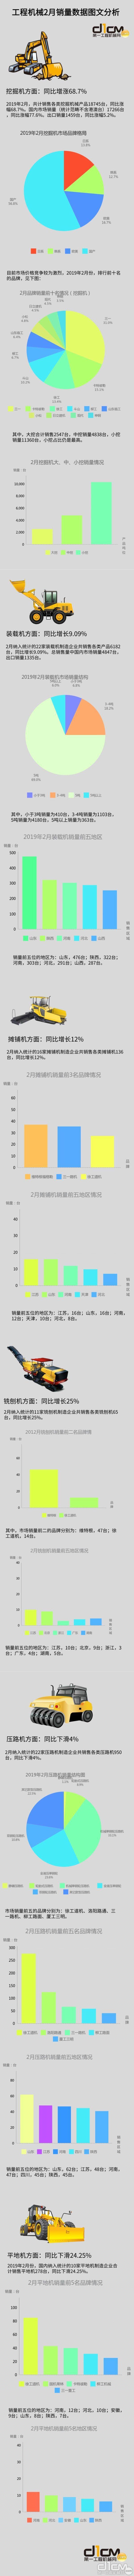 2月365bet体育产品销量数据分析